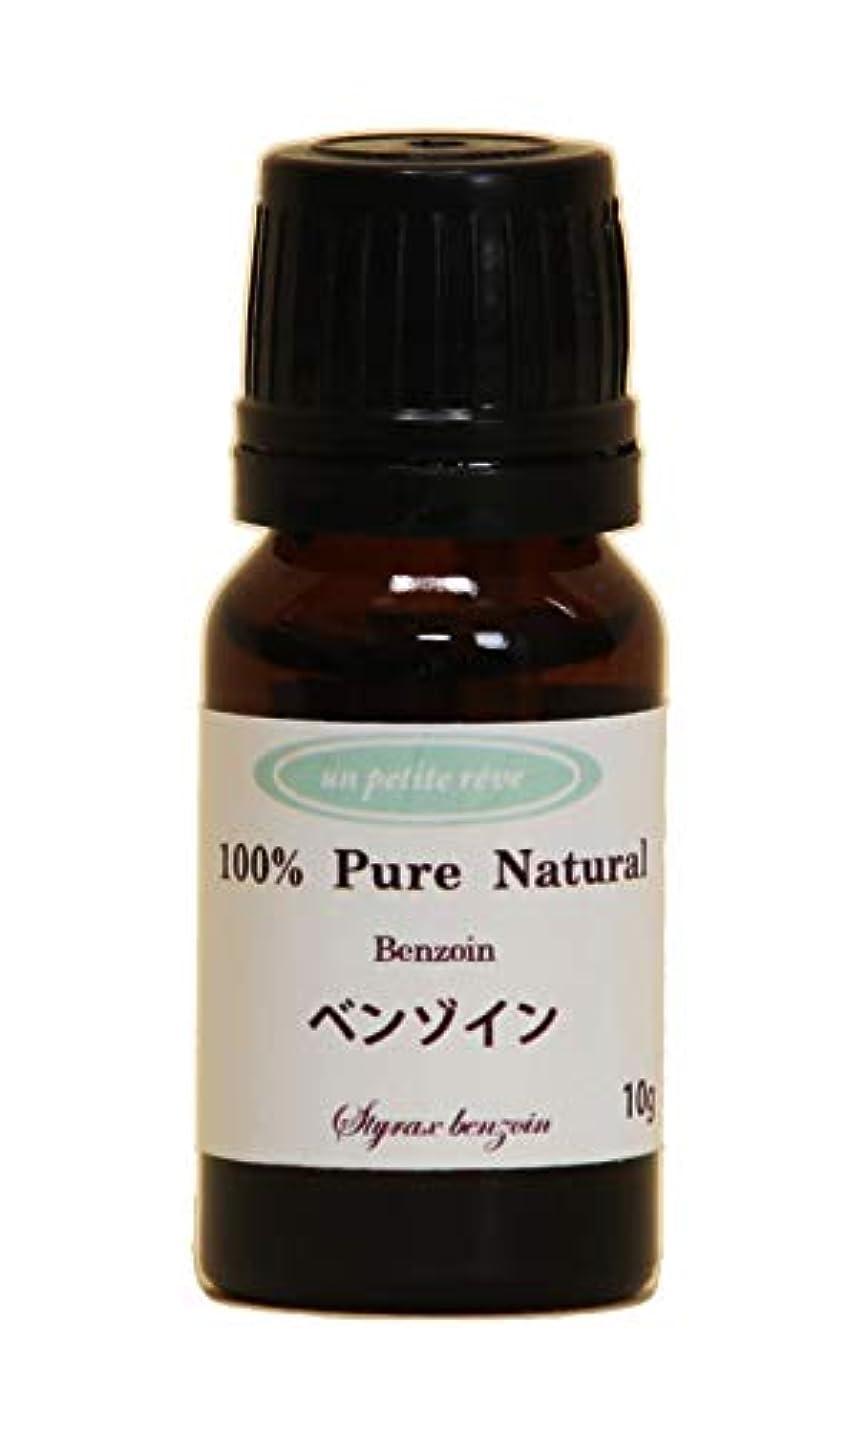 インペリアルスタックカテナベンゾイン(ウッドマドラー付き) 10g 100%天然アロマエッセンシャルオイル(精油)